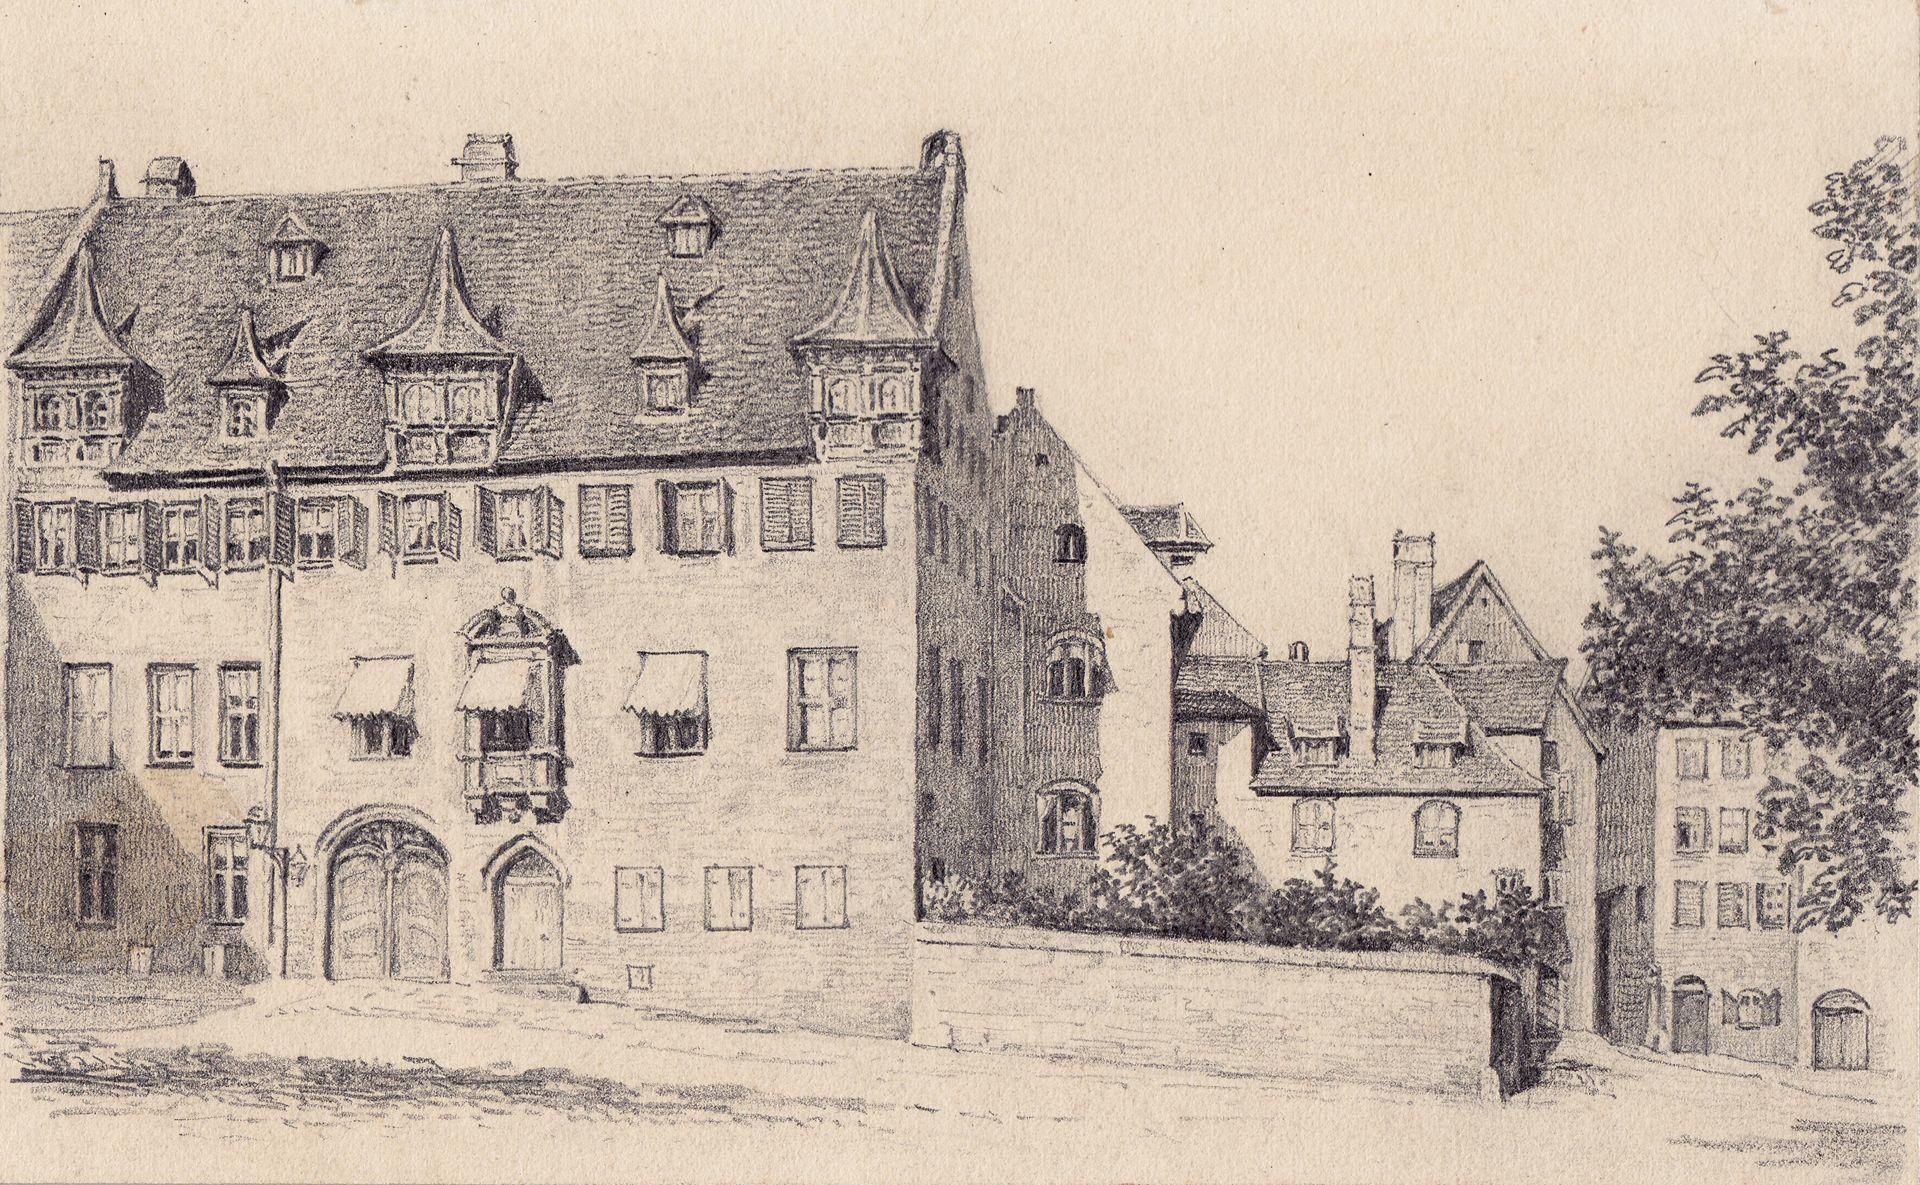 Pfarrhaus von St. Egidien mit Pfarrgarten Nürnberg, Pfarrhaus von St. Egidien mit Pfarrgarten